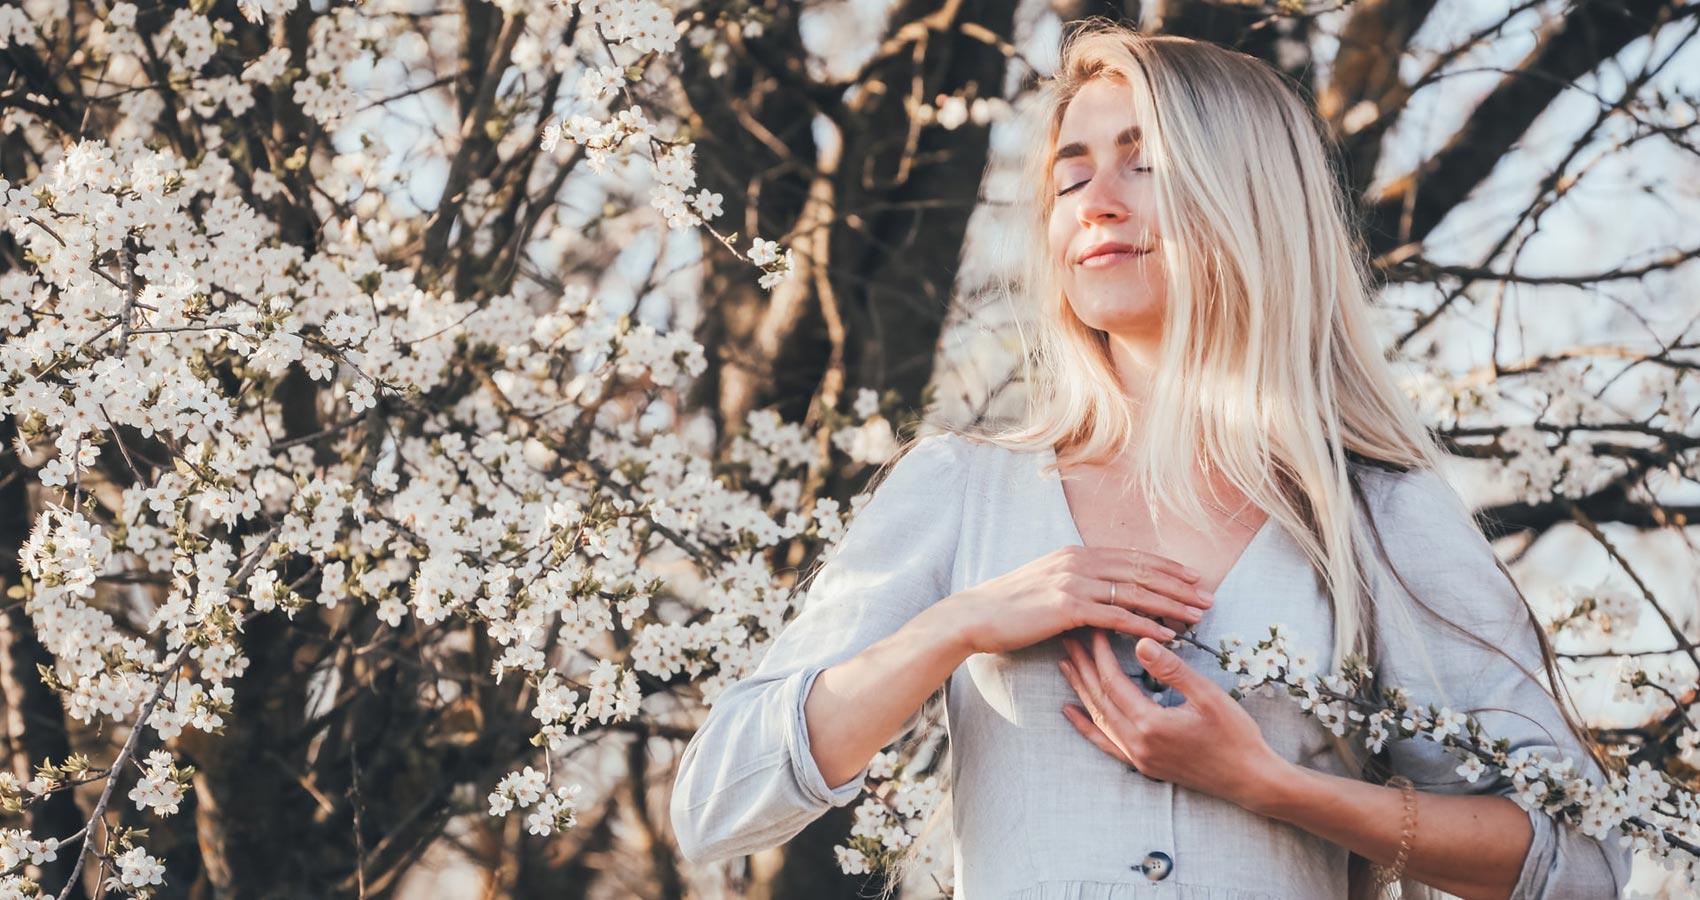 April Love, a poem by Zanka Zana Bošković Coven at Spillwords.com